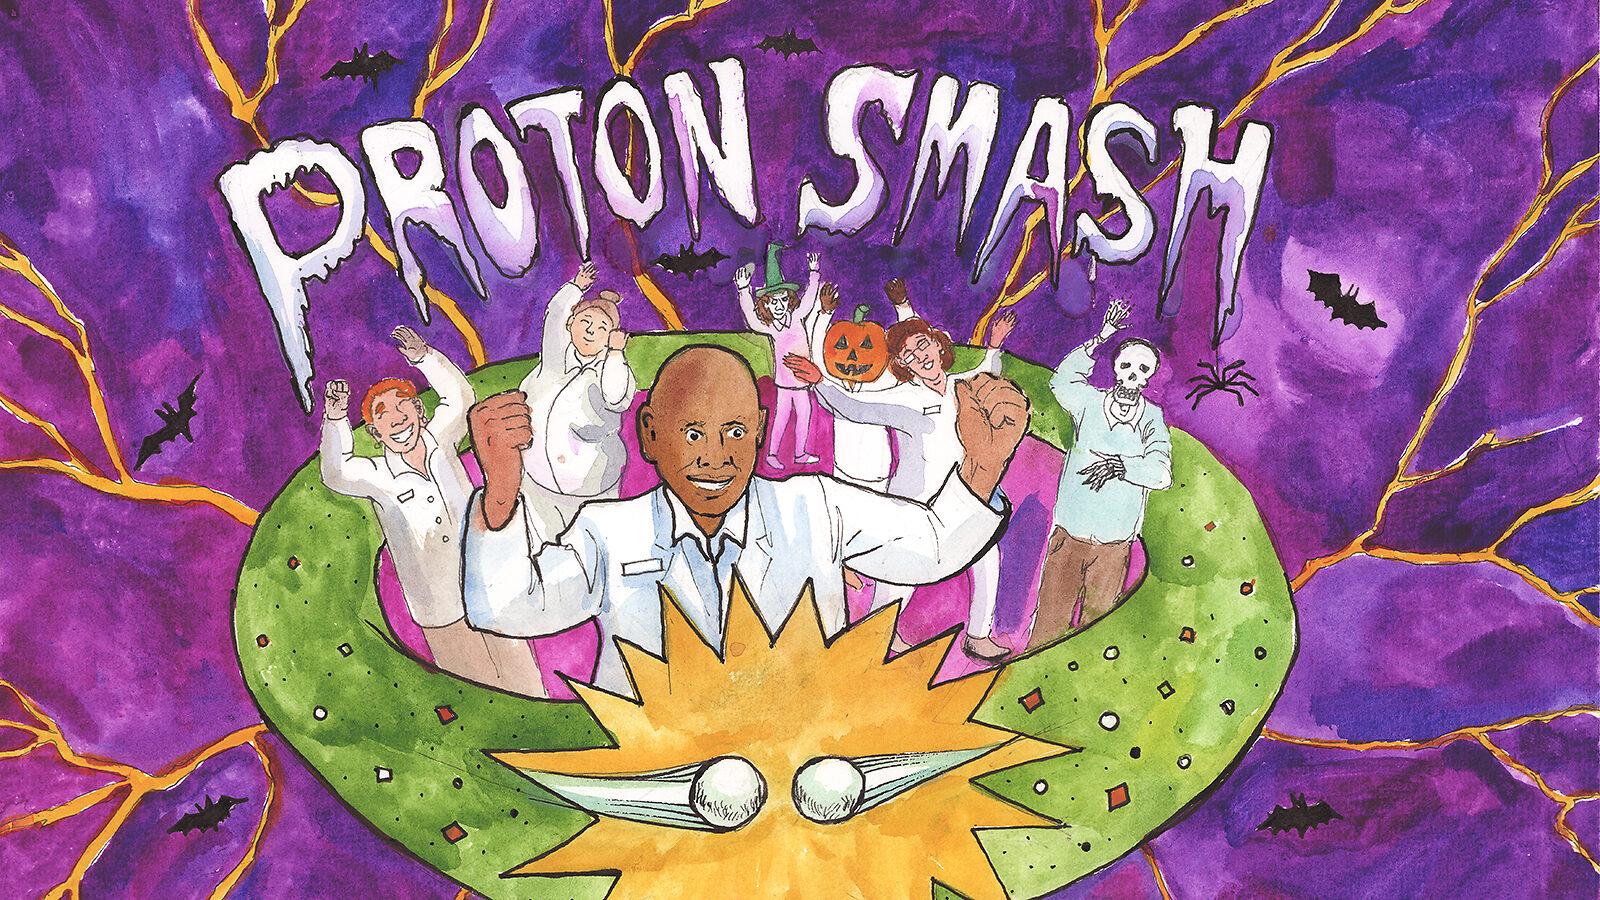 Proton Smash